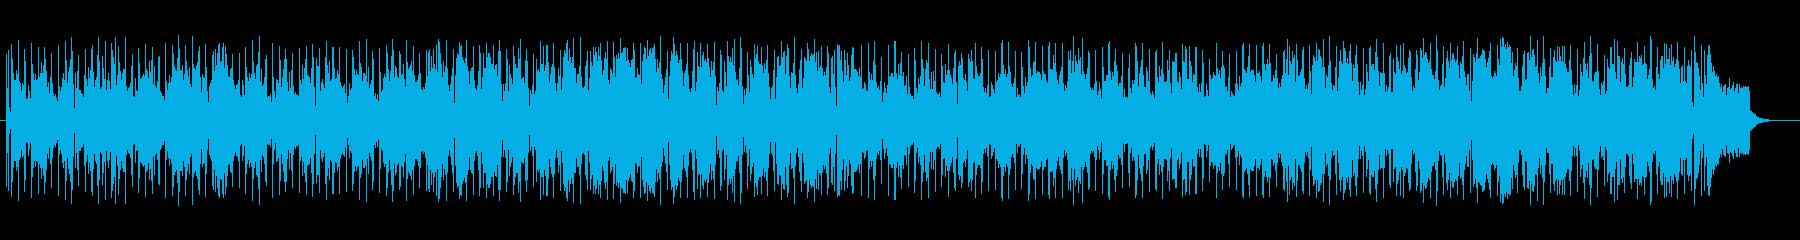 明るく楽しげなシンセサイザーサウンドの再生済みの波形